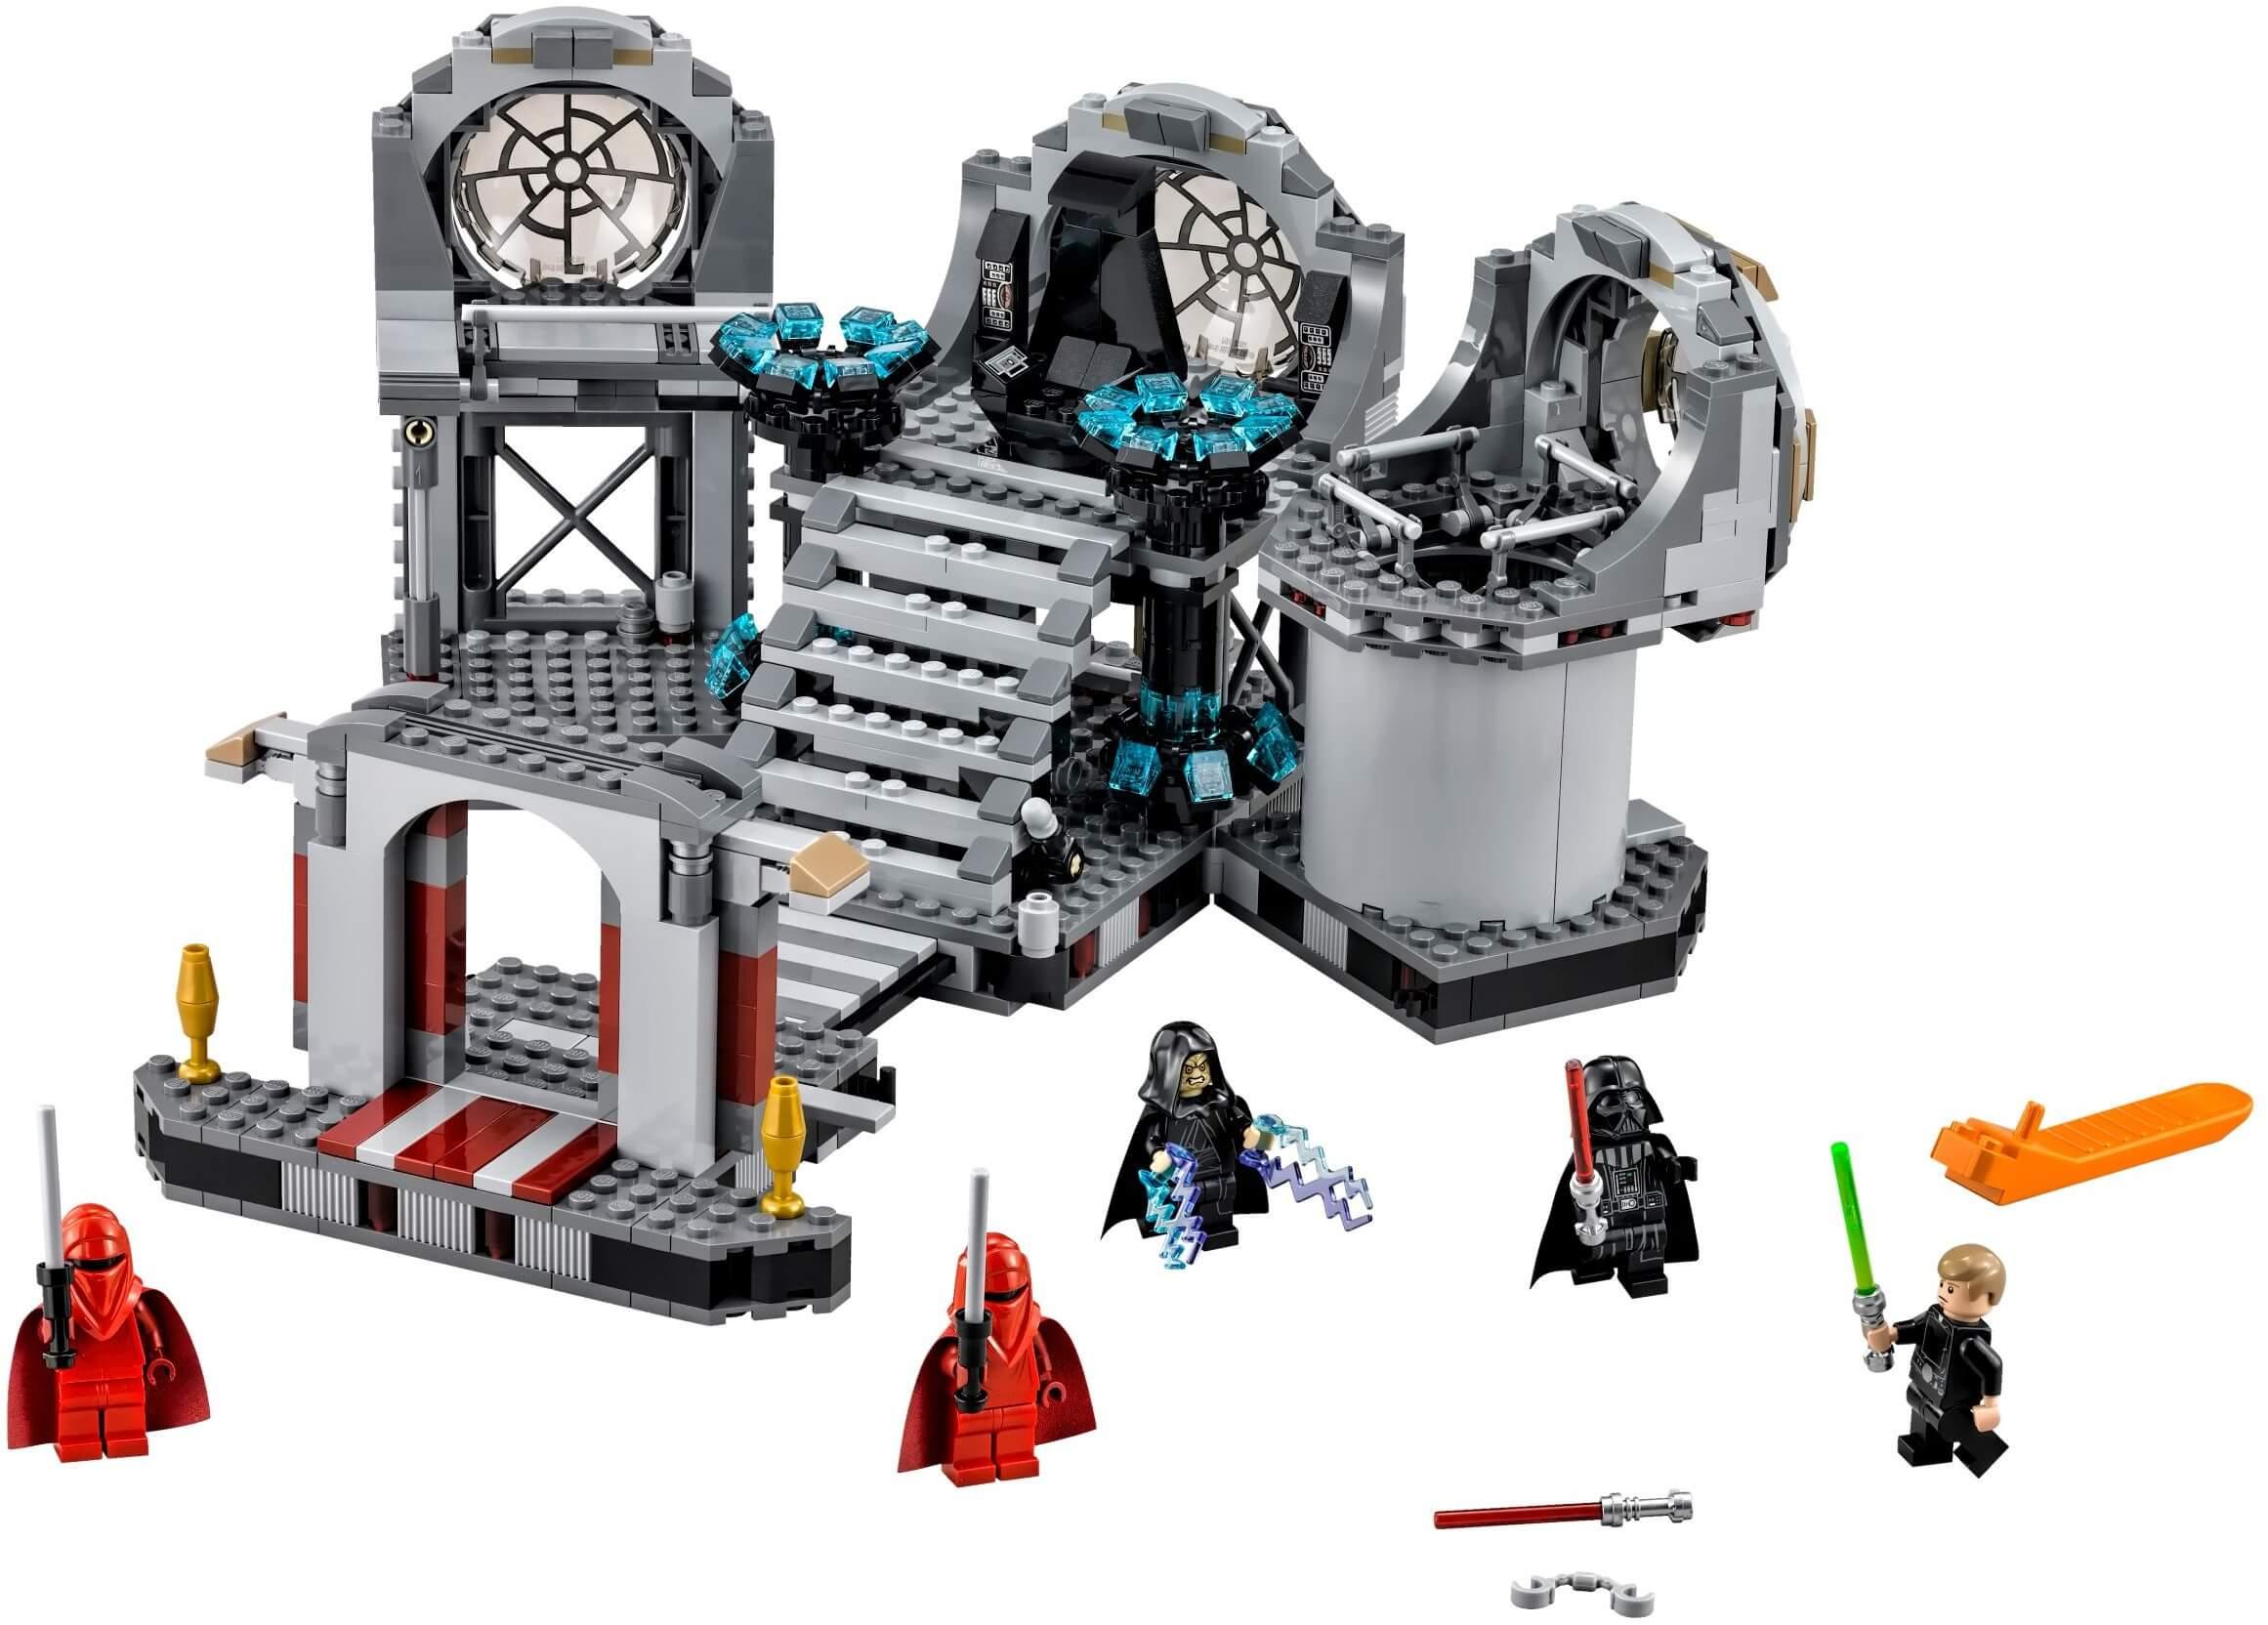 Mua đồ chơi LEGO 75093 - LEGO Star Wars 75093 - Trận Chiến Cuối Cùng ở Death Star (LEGO Star Wars Death Star Final Duel 75093)